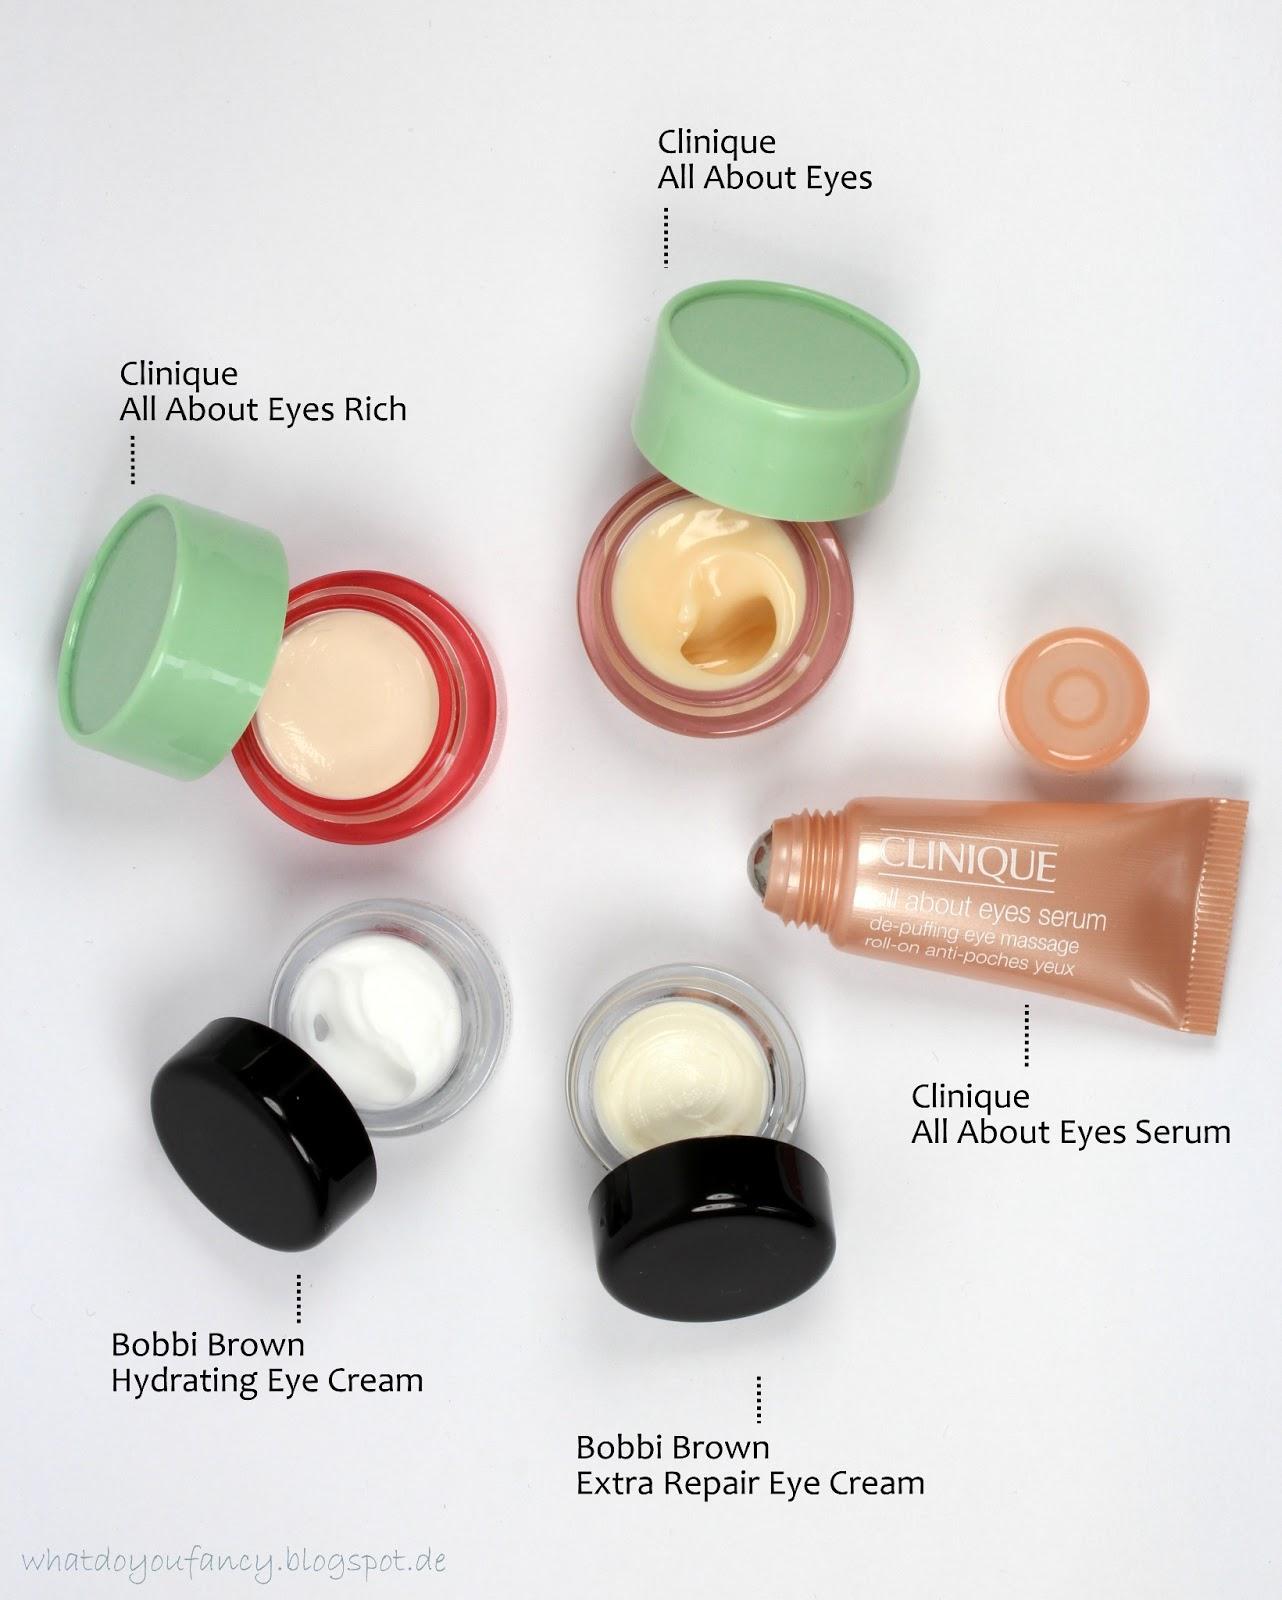 Augencremes von Bobbi Brown und Clinique im Überblick